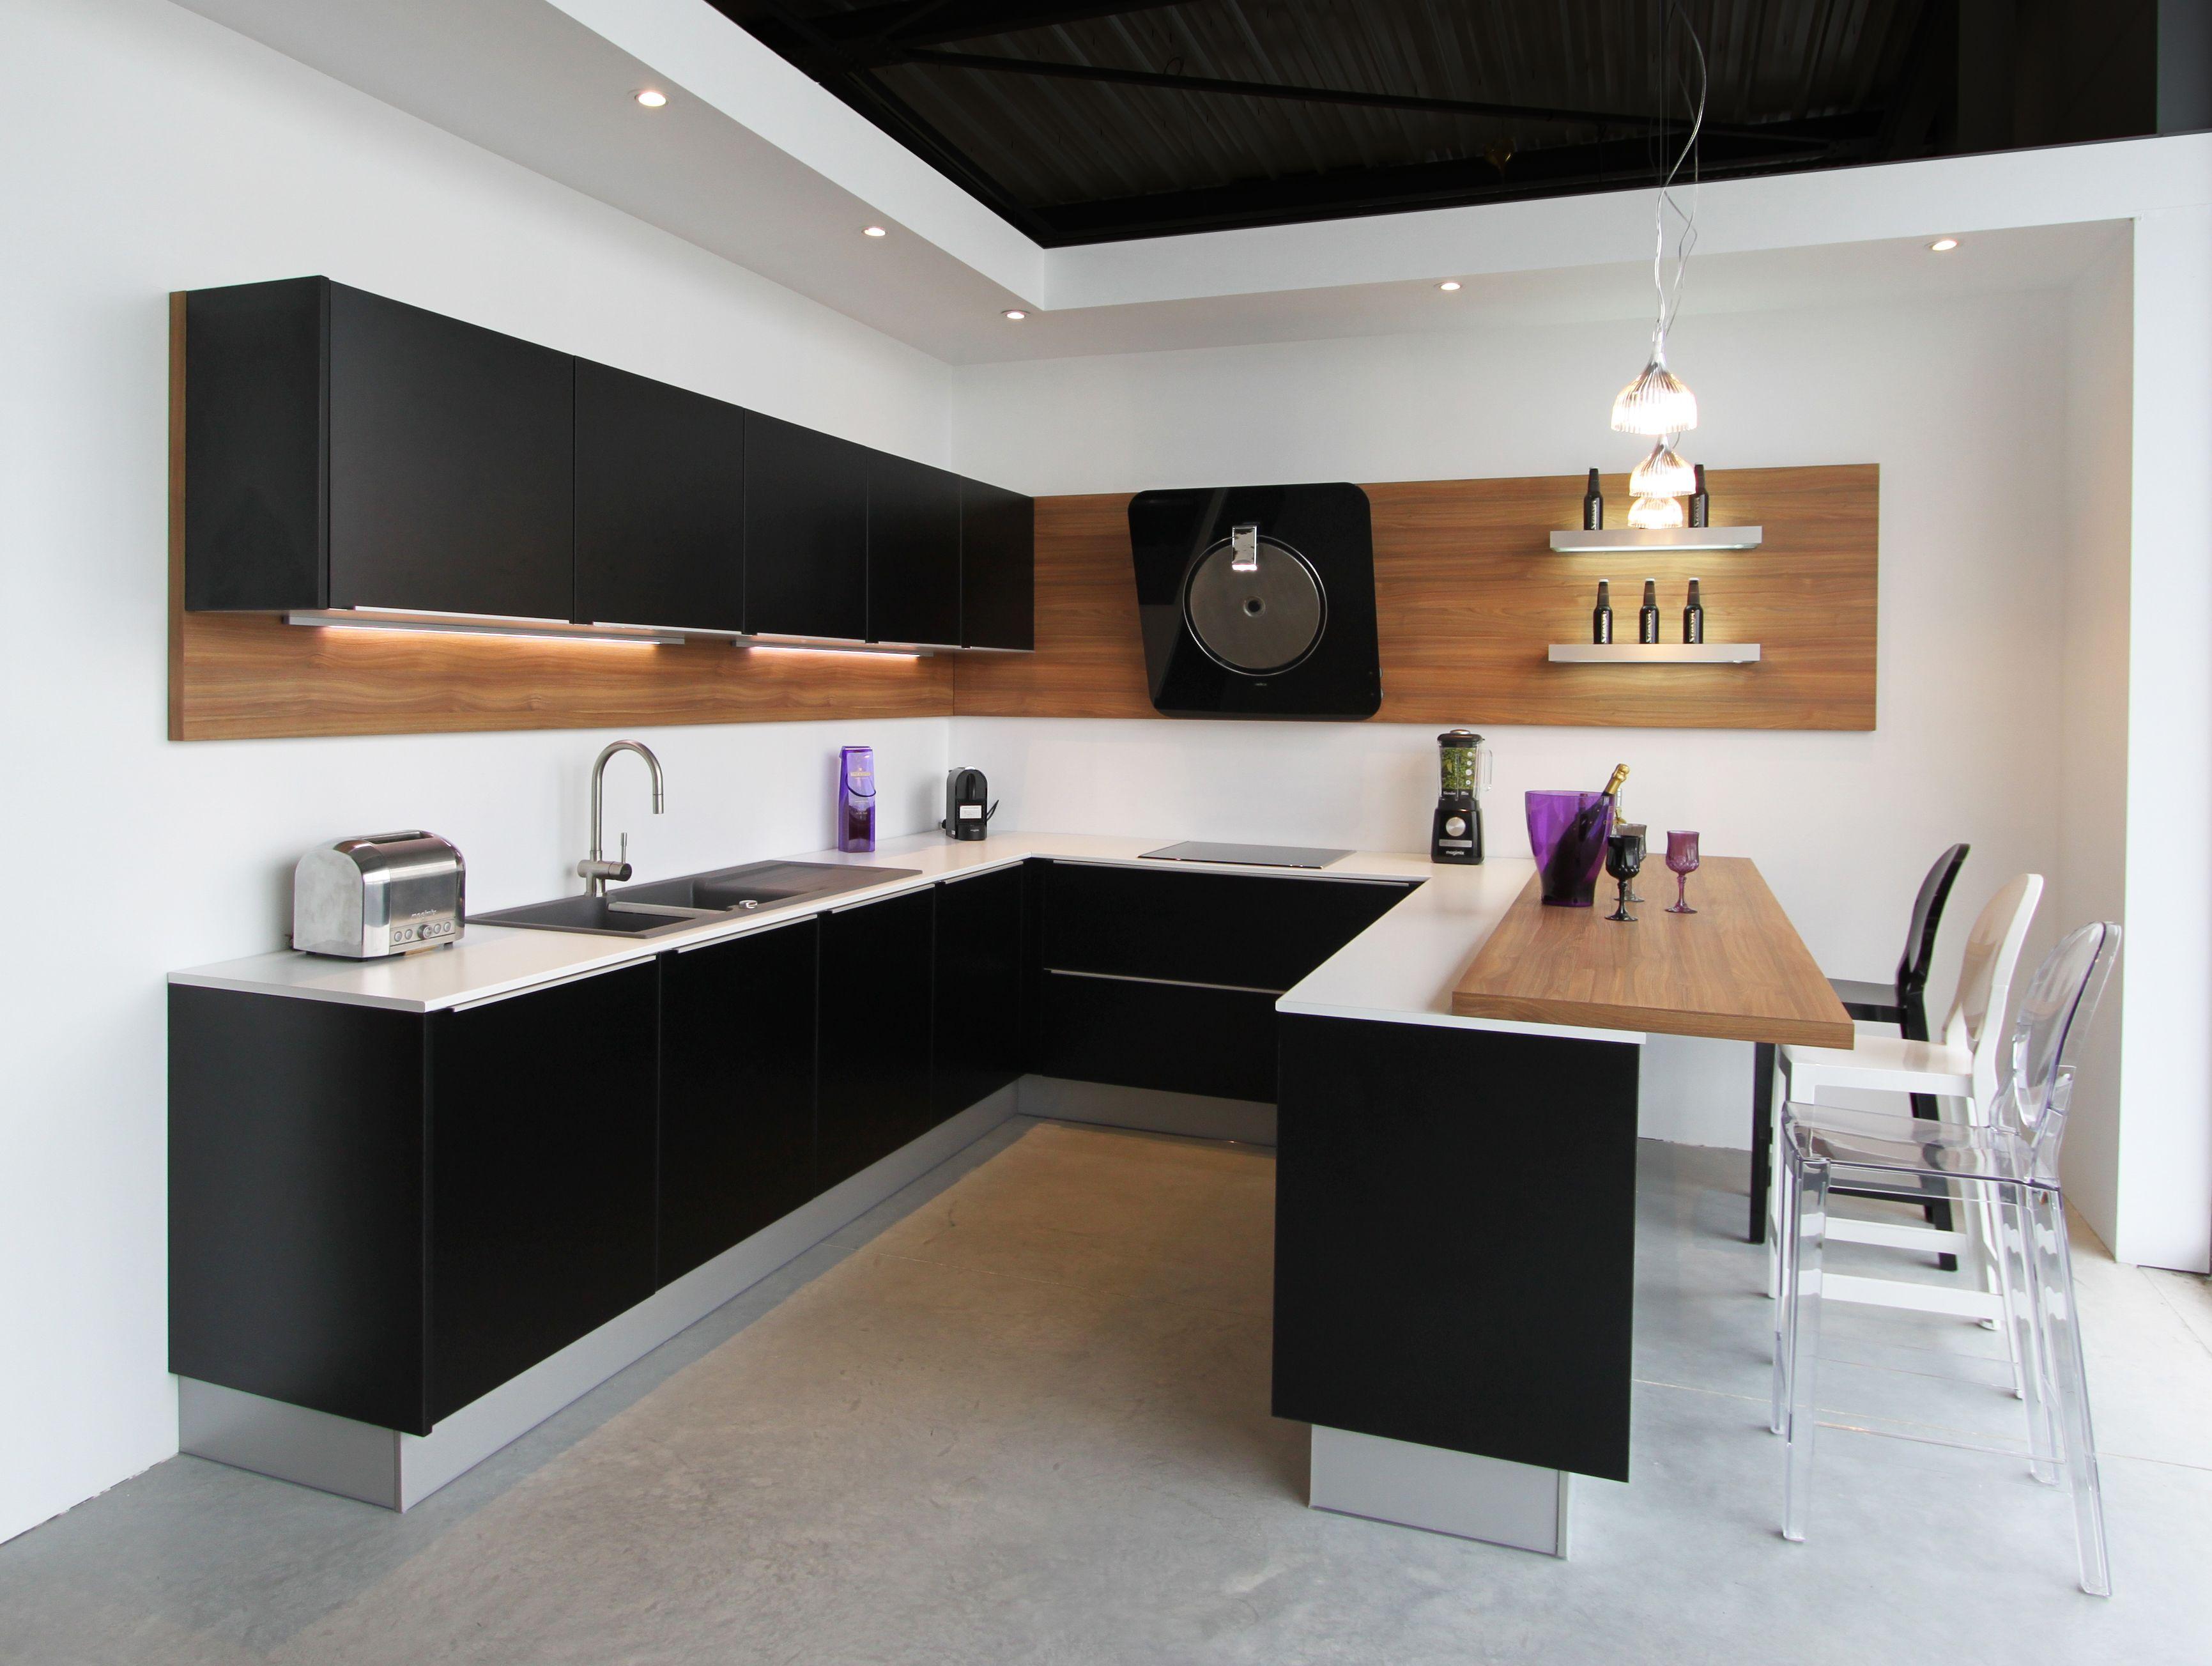 Cuisine design laqu e noir satin fabrimeuble cuisines pinterest fabricant cuisine noir for Fabricant cuisine design